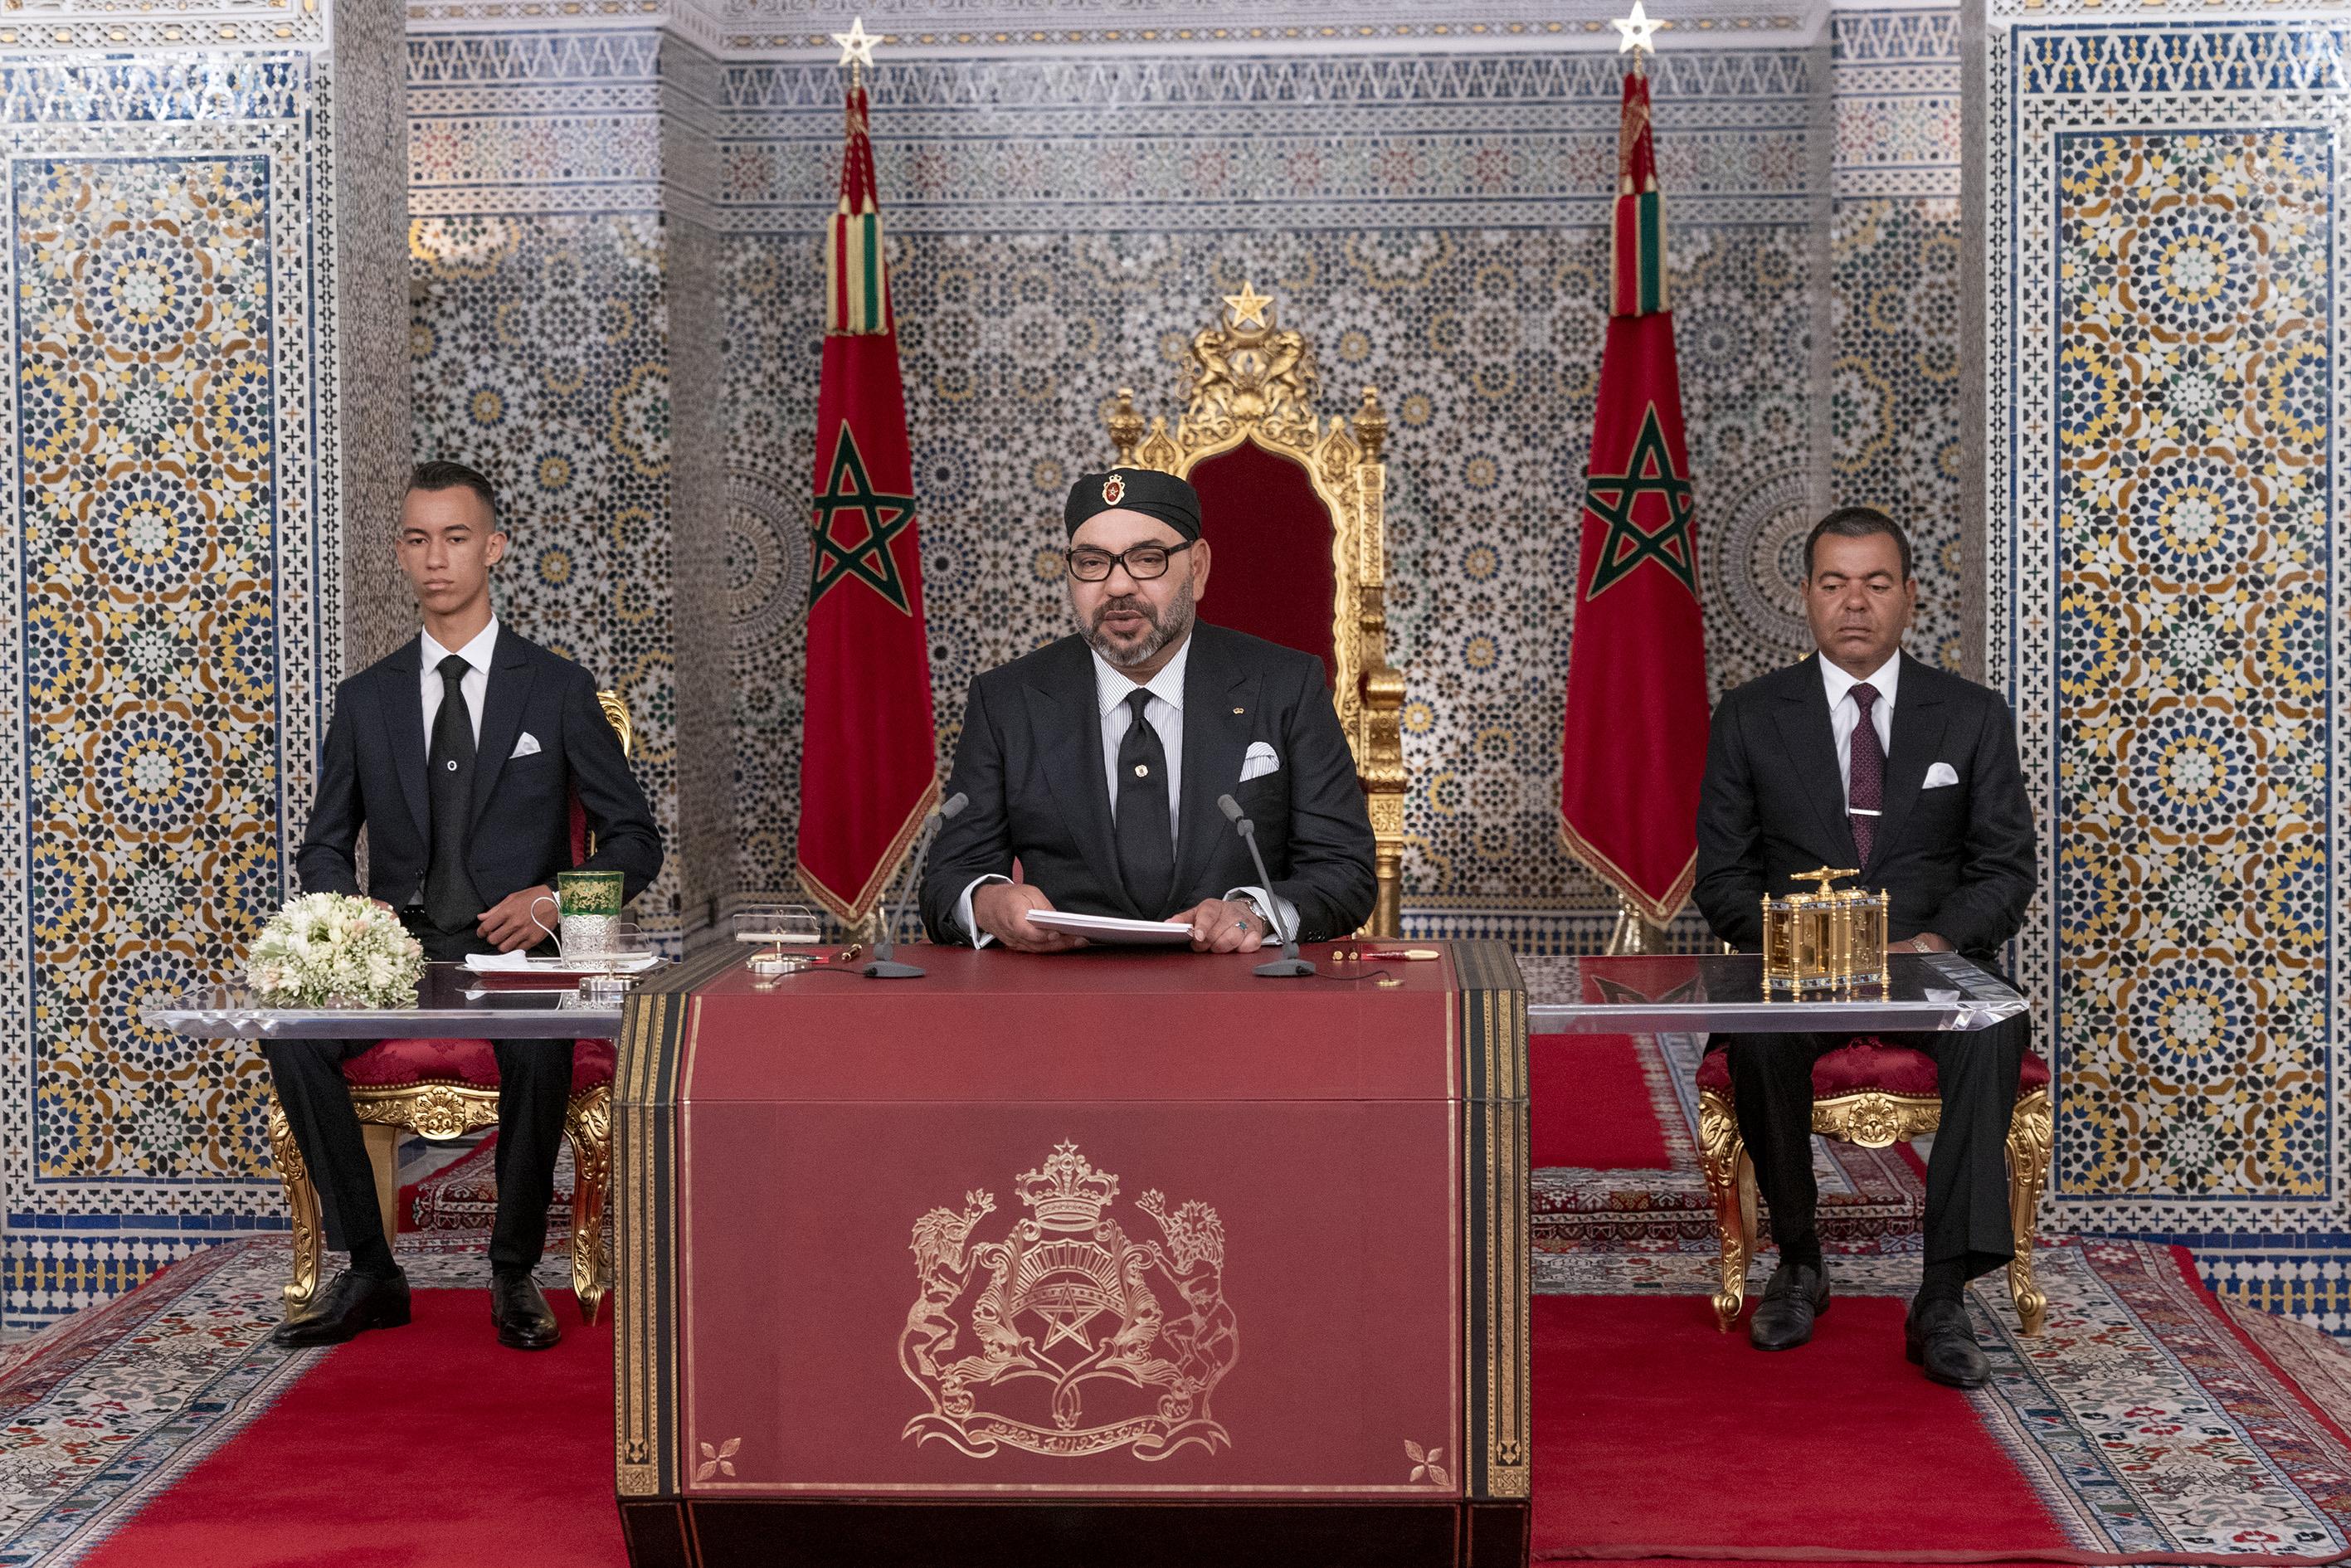 """الملك يترأس افتتاح البرلمان في دورته الخريفية """"عن بعد"""".. الديوان الملكي يؤكد"""